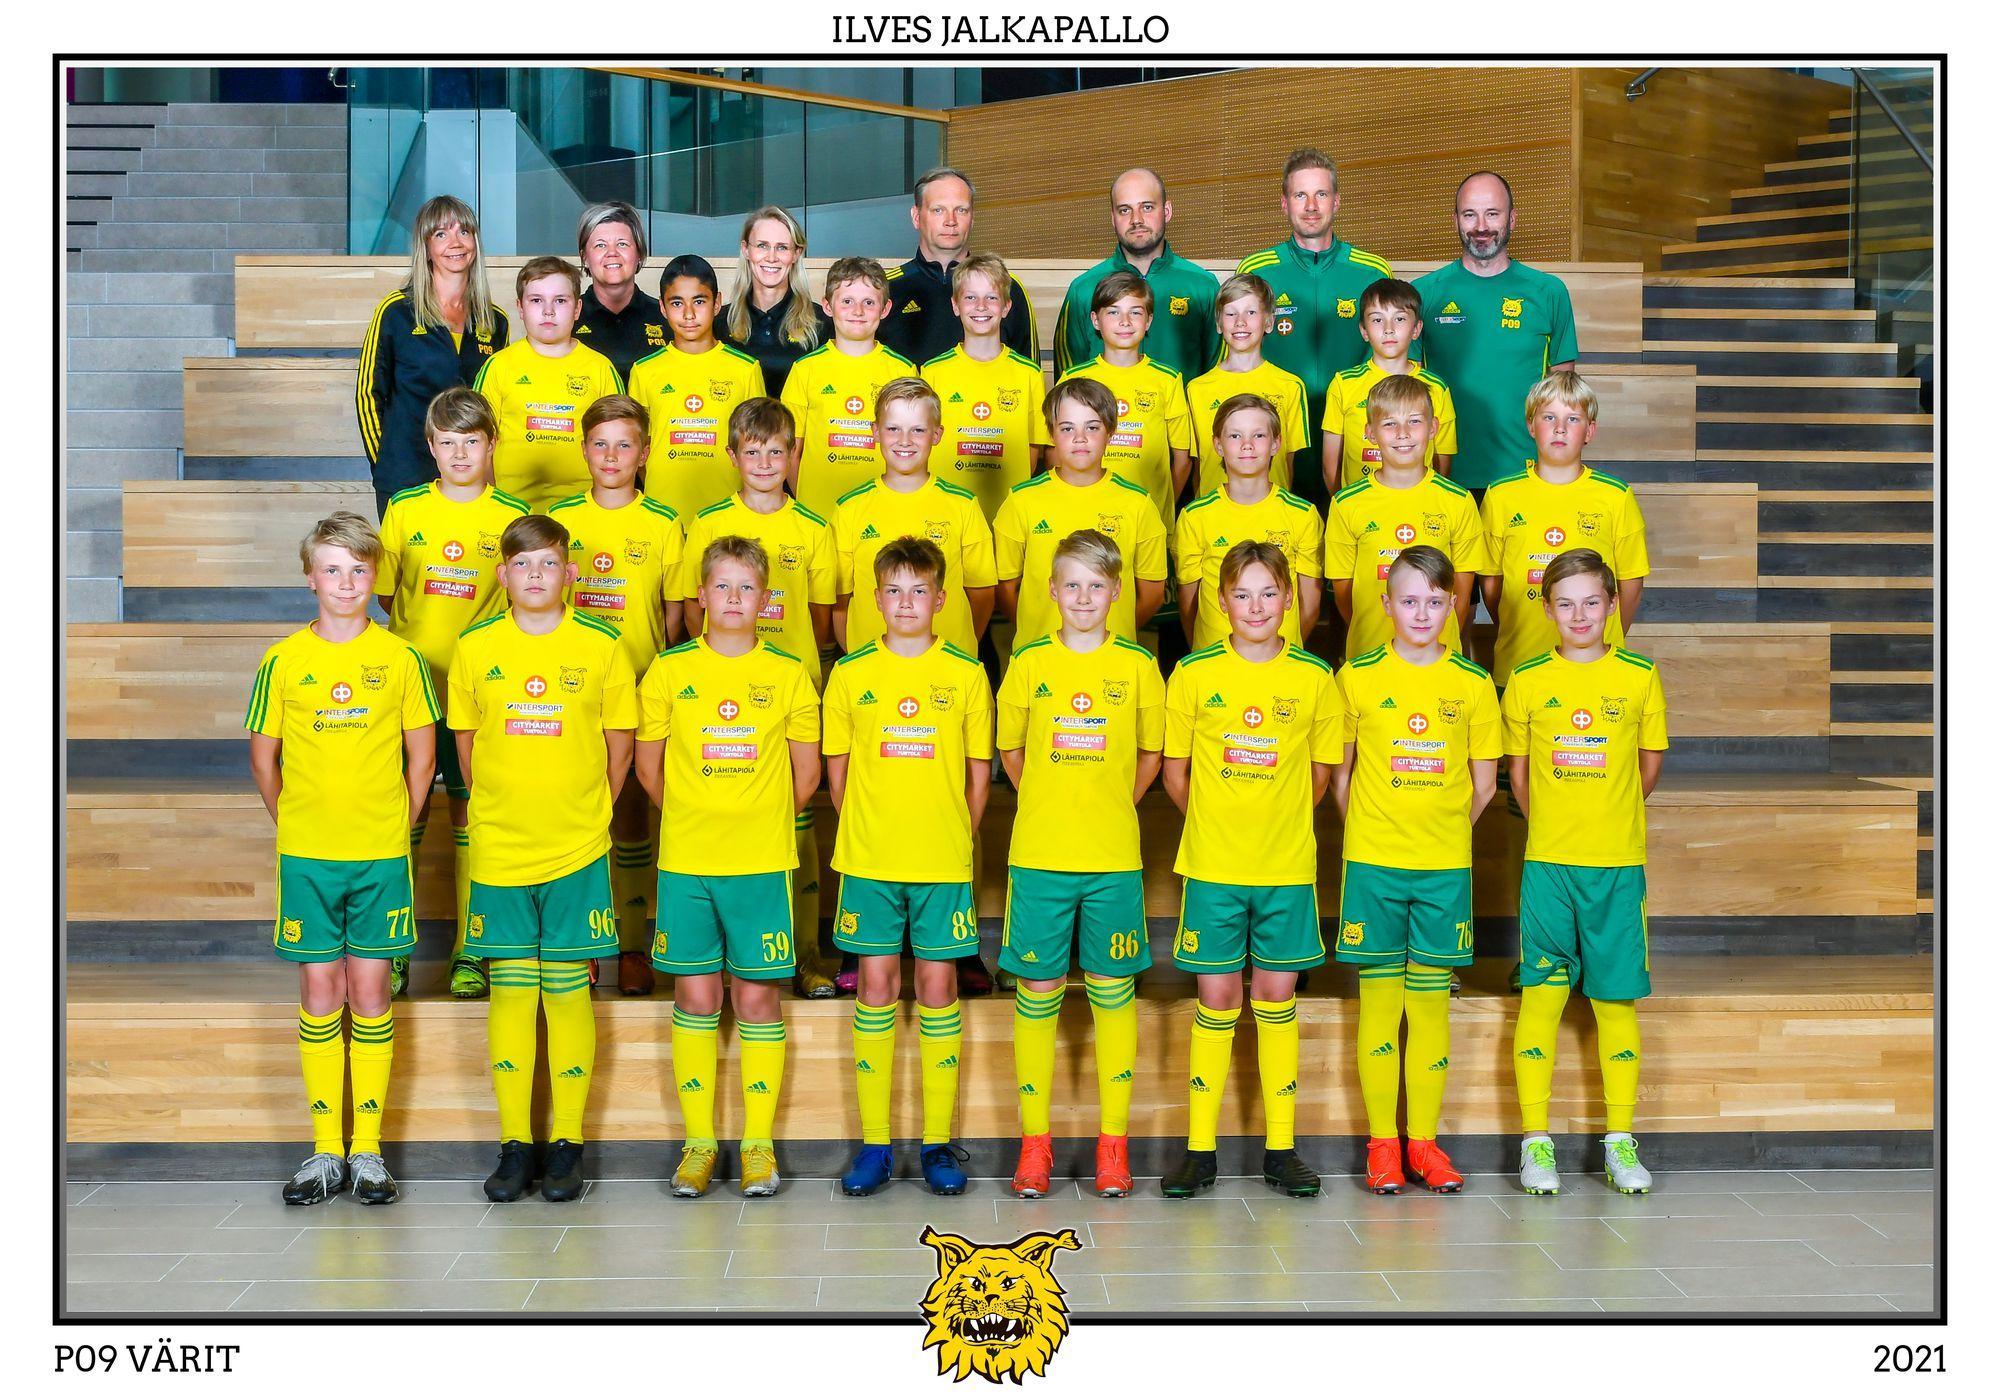 Ilves210621 KLK 14 ilves jalkapallo p09 varit Urheilukuvaus